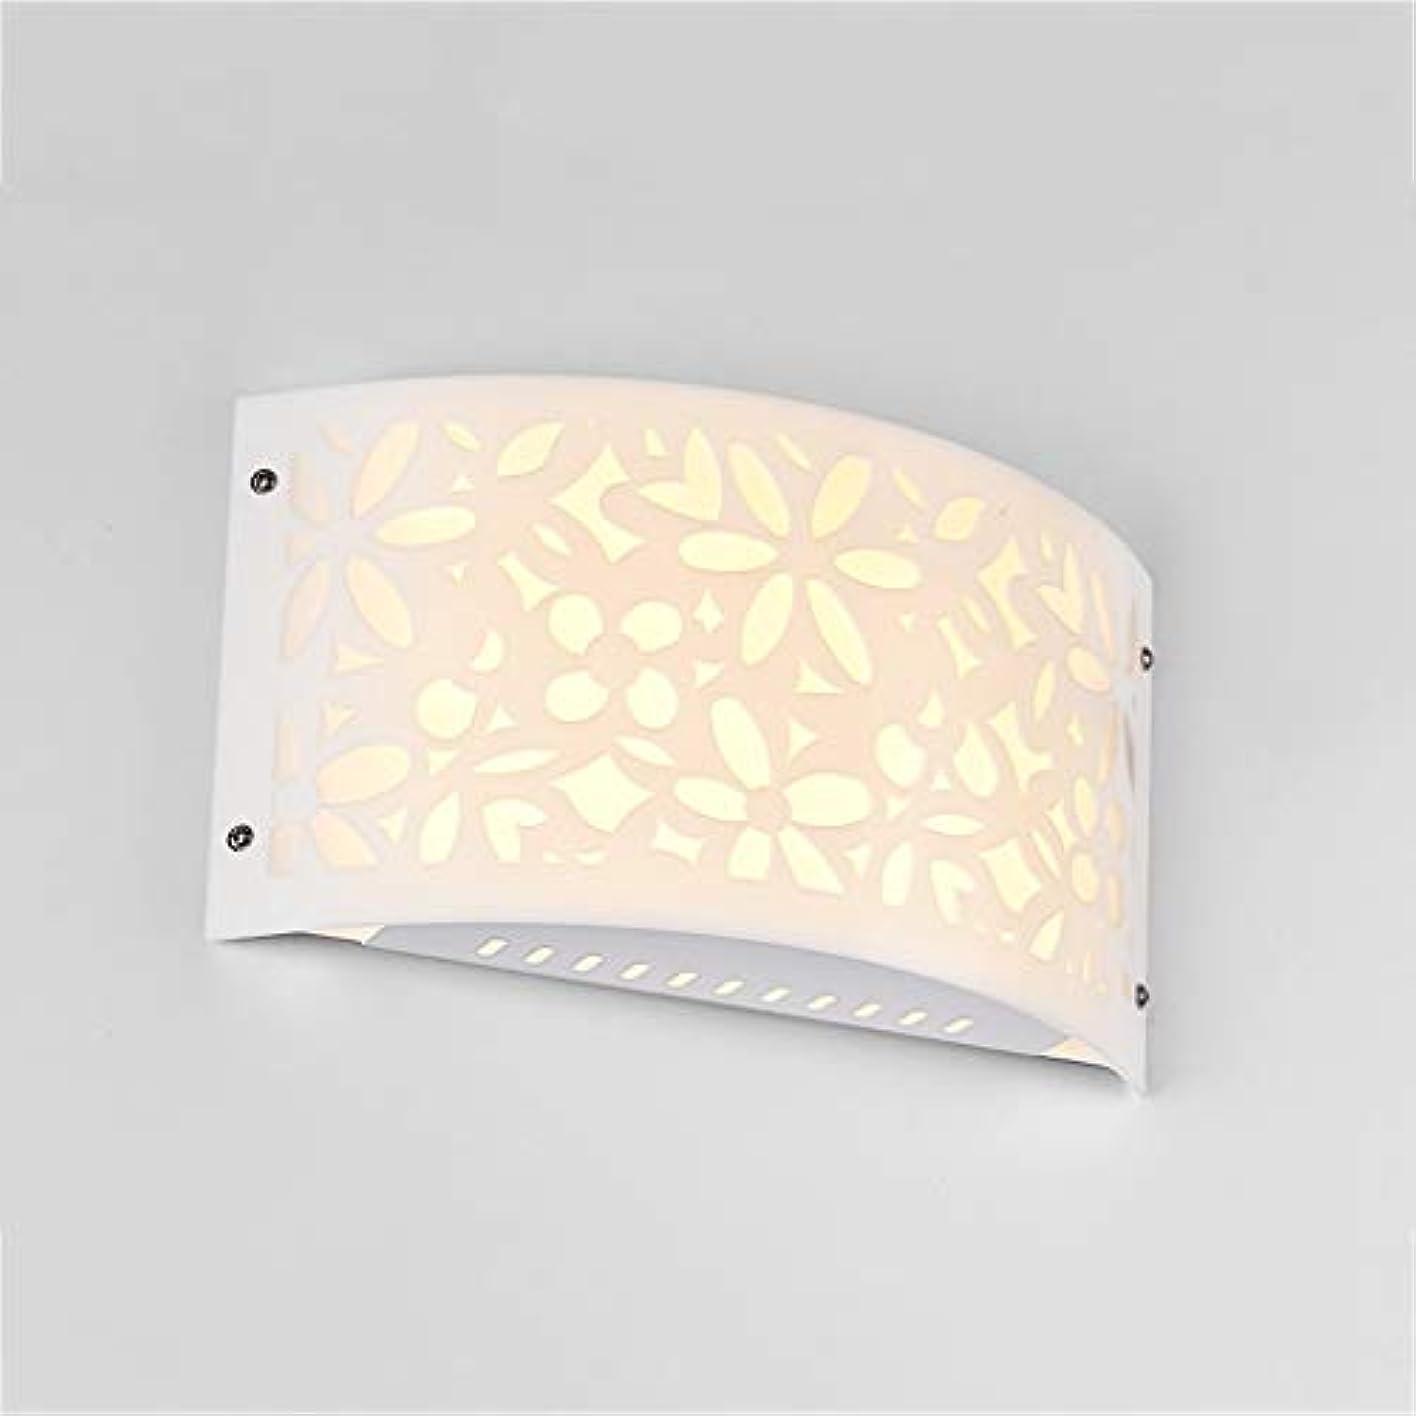 ツールつぼみ夢中シンプルモダンウォールライト、LEDベッドサイドライト、ベッドルームデコレーションウォールランプ通路階段リビングルームの背景照明器具